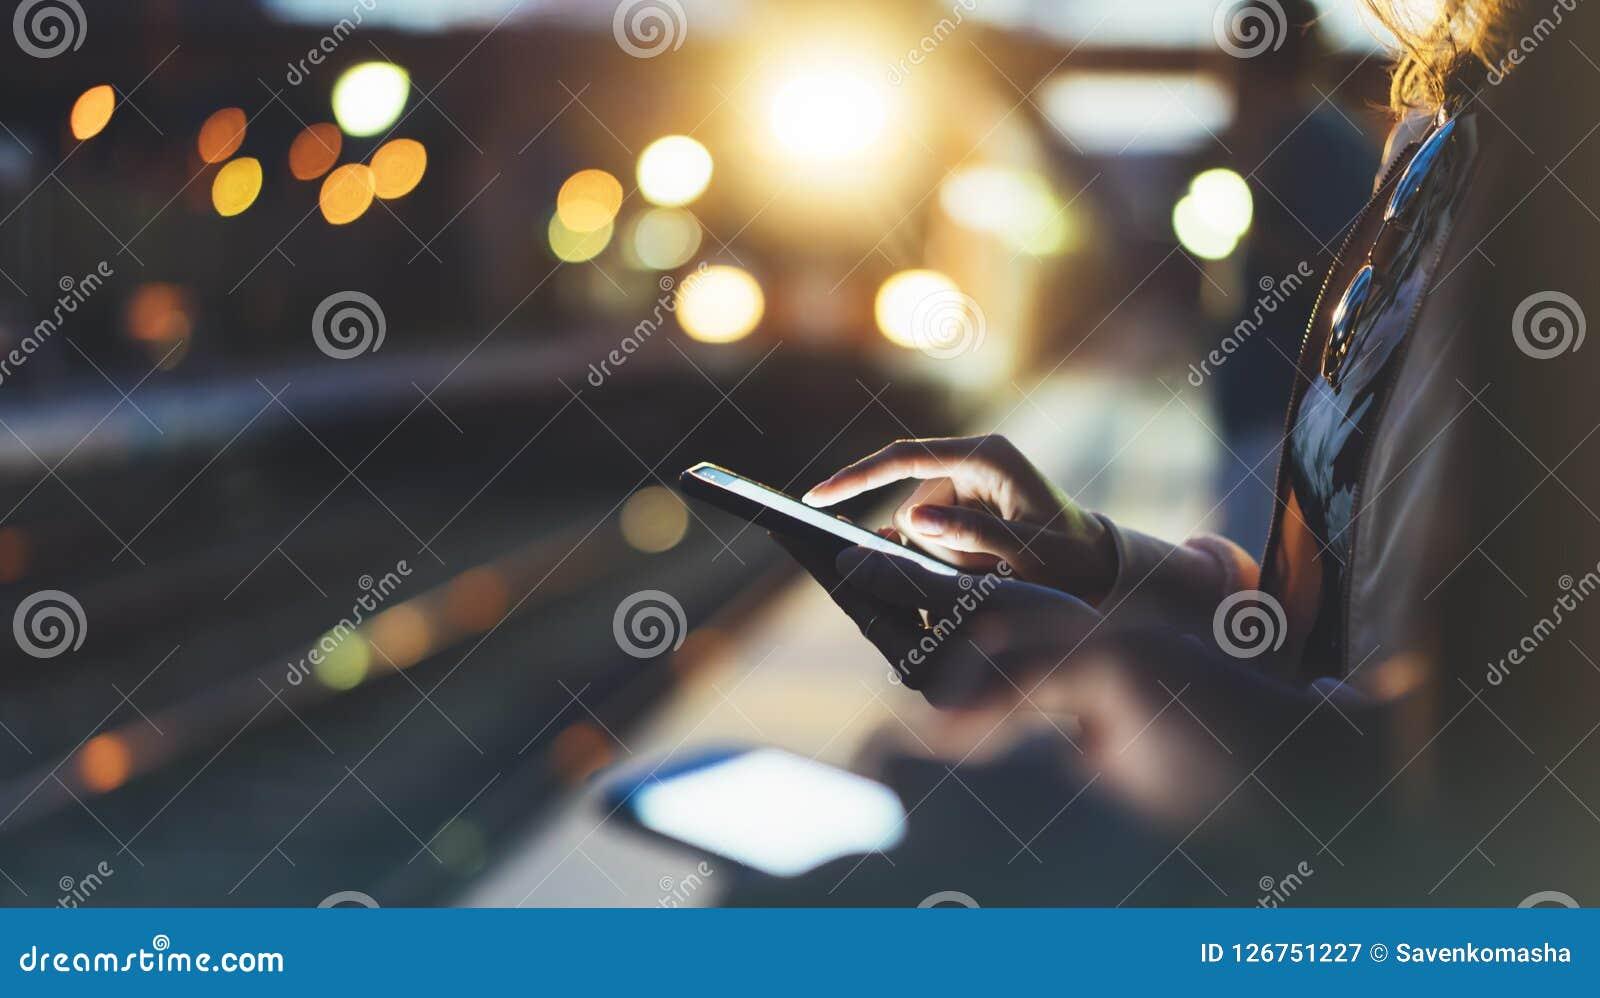 享受旅行 等待在背景光电移动的火车的驻地平台的少妇使用巧妙的电话在夜